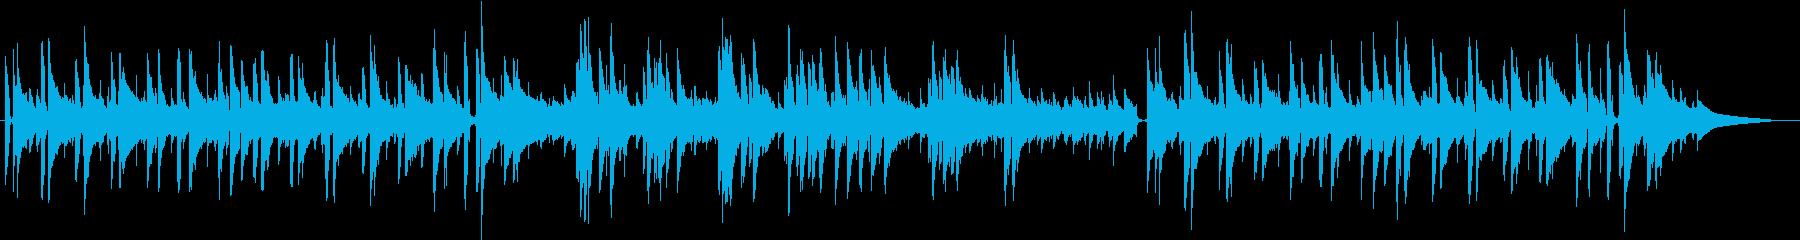 ほのぼの・日常・散歩道・ギター生演奏の再生済みの波形